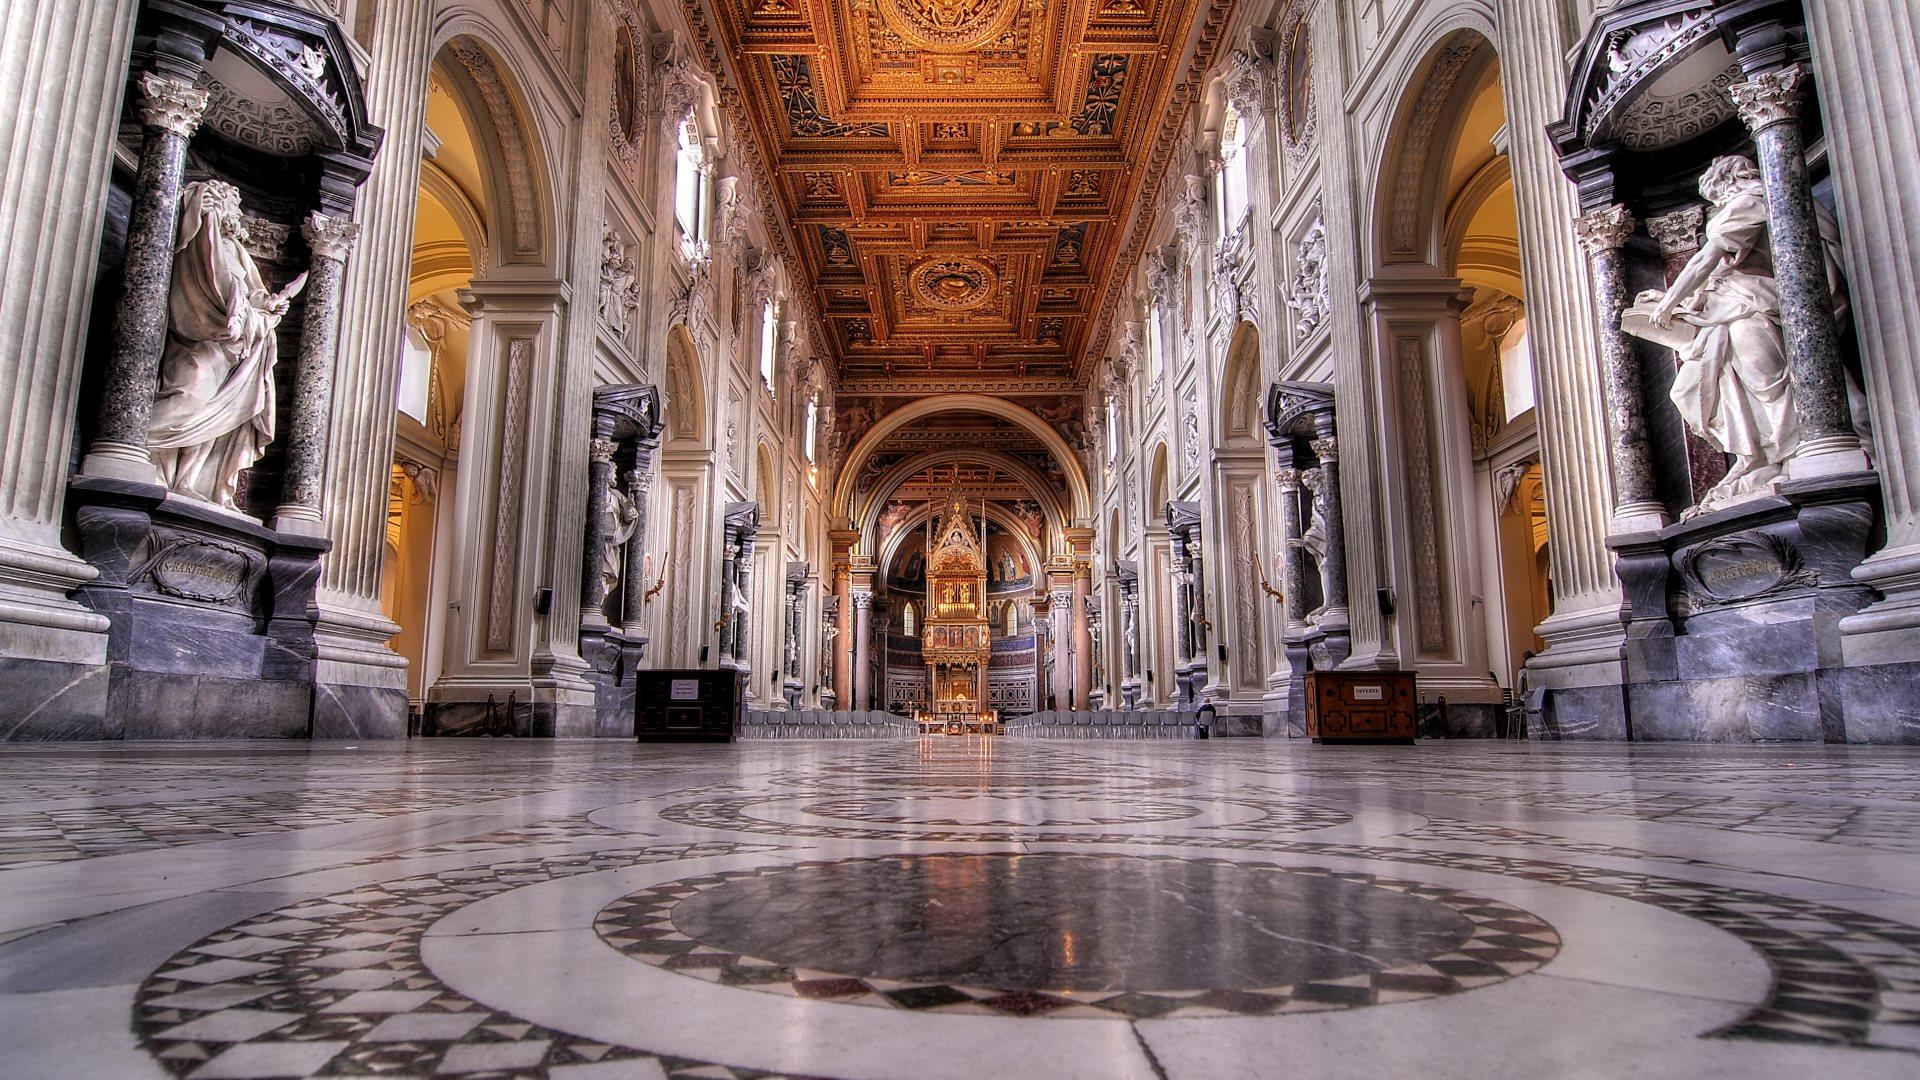 Basilica-of-St-John-Lateran_HD.jpg